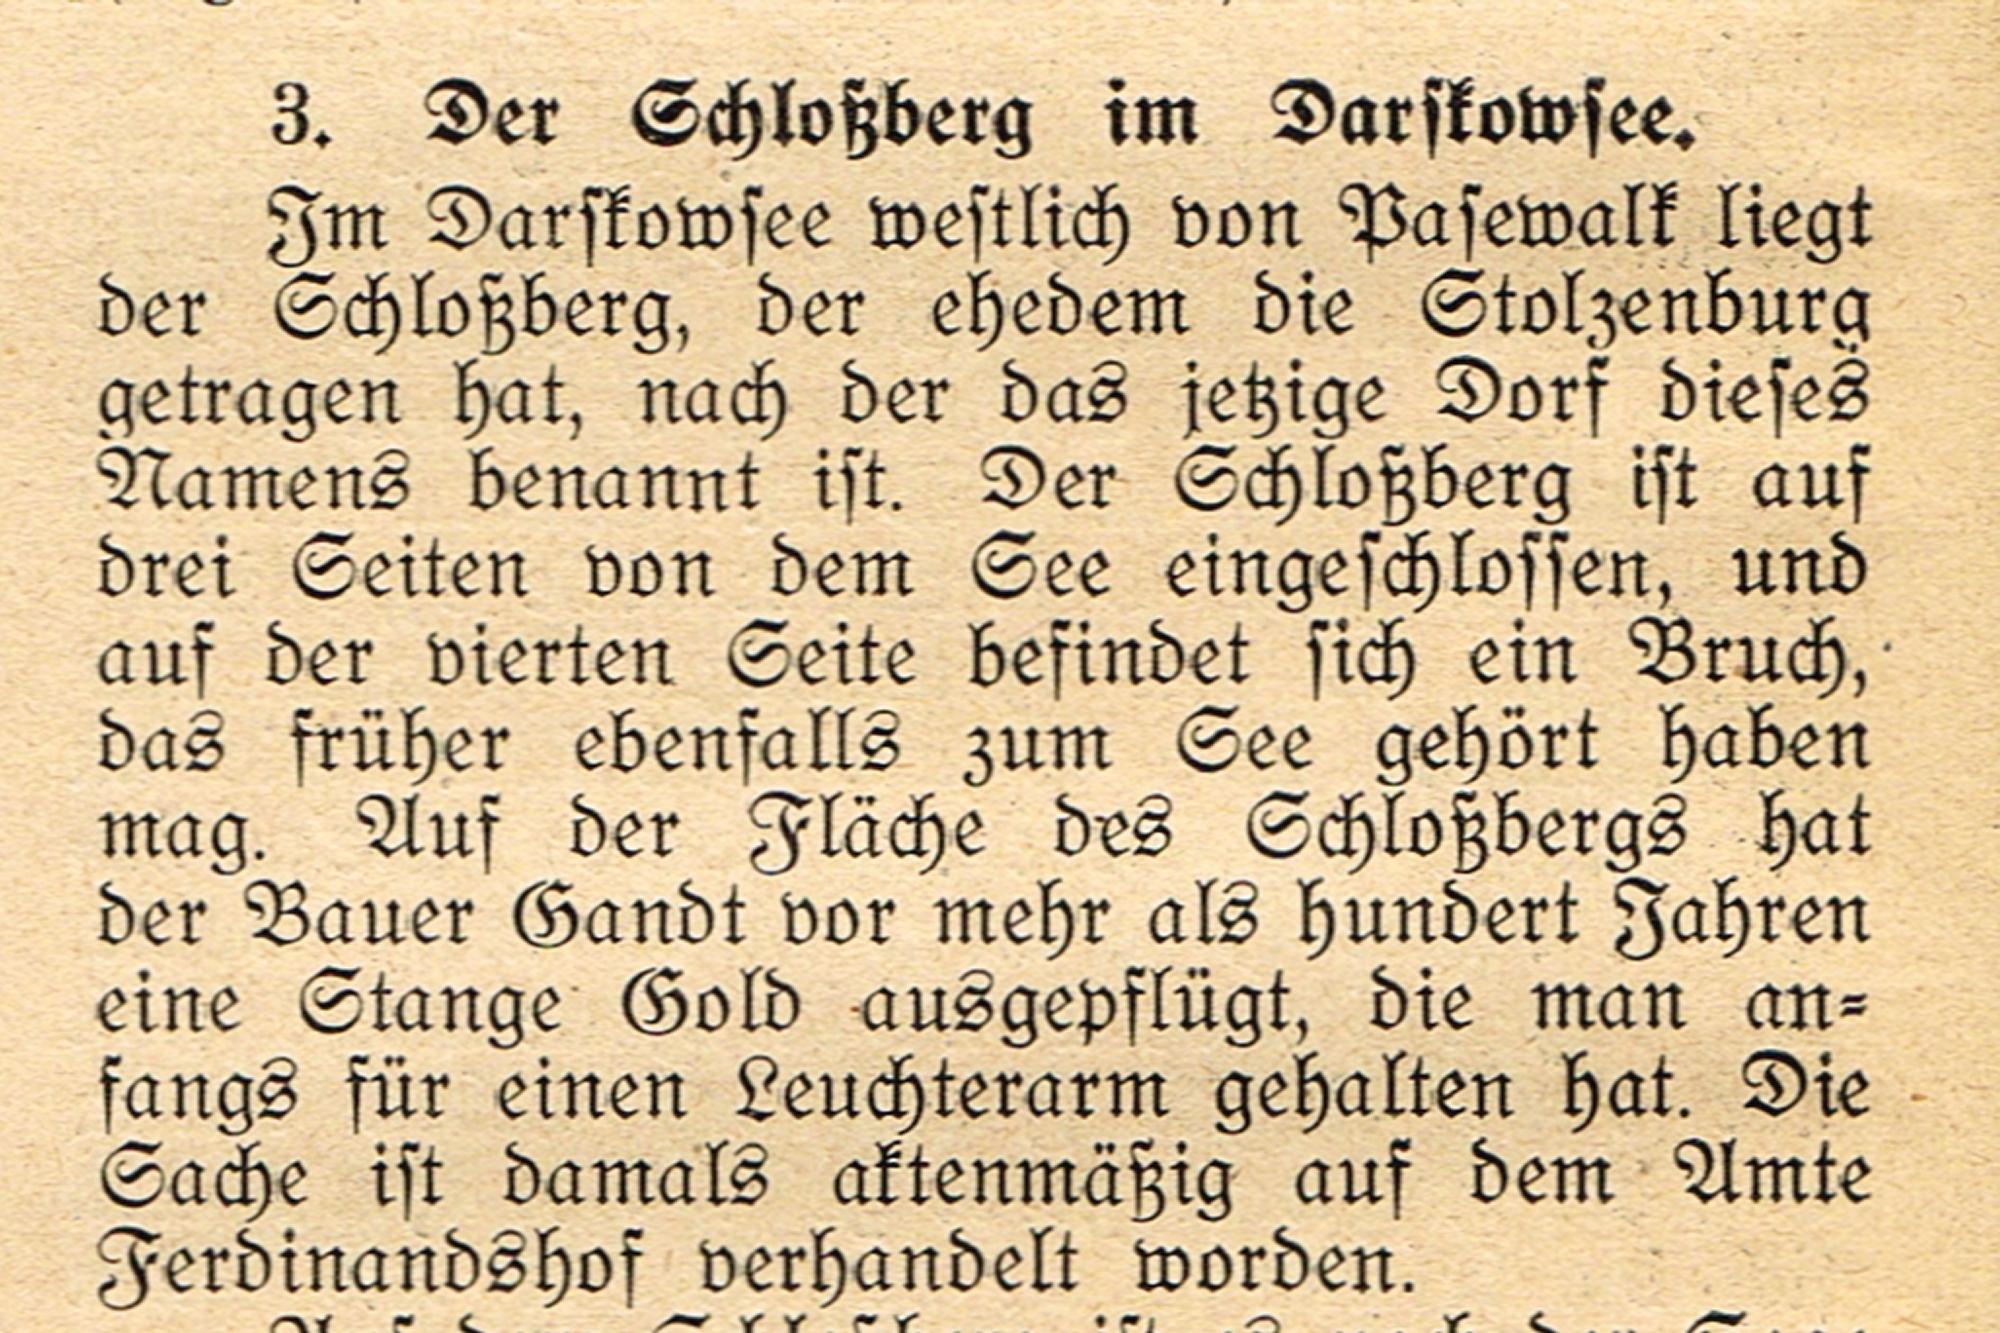 Schlossberg Darskowsee - Stolzenburg, Pasewalk, Mecklenburg-Vorpommern, Gandt, Ferdinandshof, Darskowsee